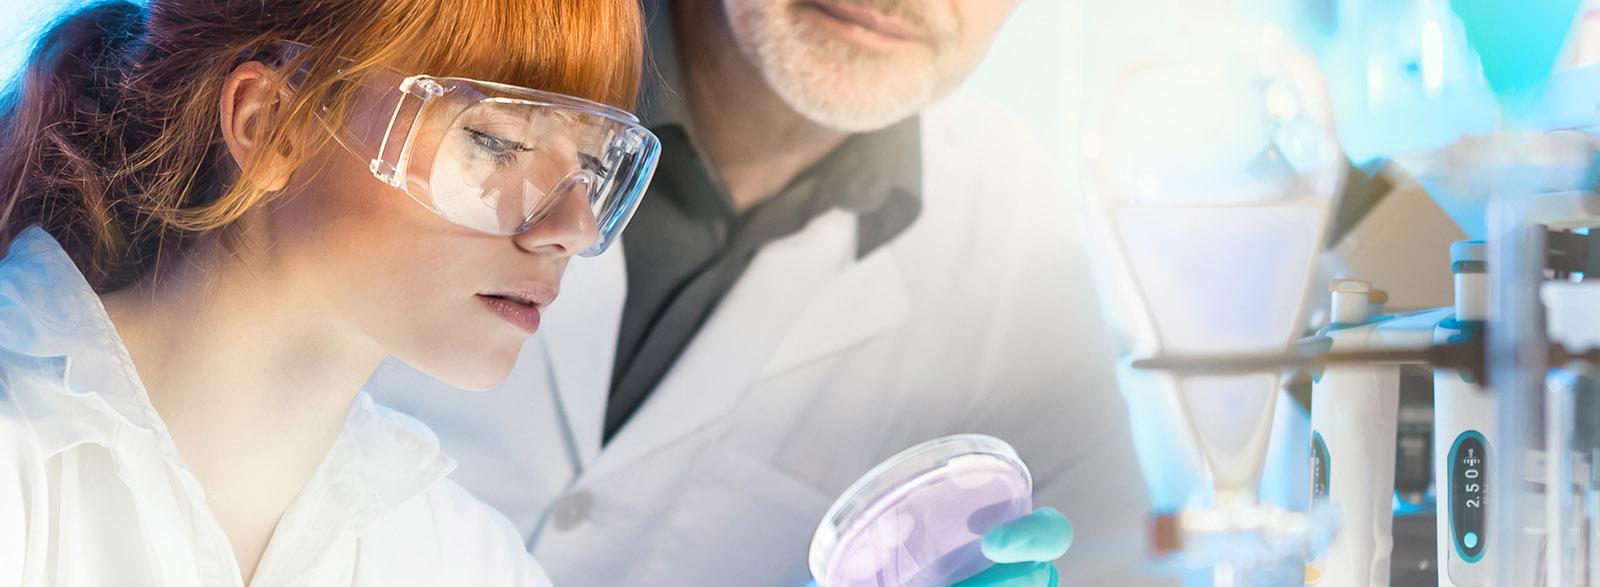 Labor für Lebensmittel- und Pharmaanalytik in Bremen. Wir analysieren Honig, Kaffee, Tee, Agavensirup, Hanf und Cannabis, auch nach GMP